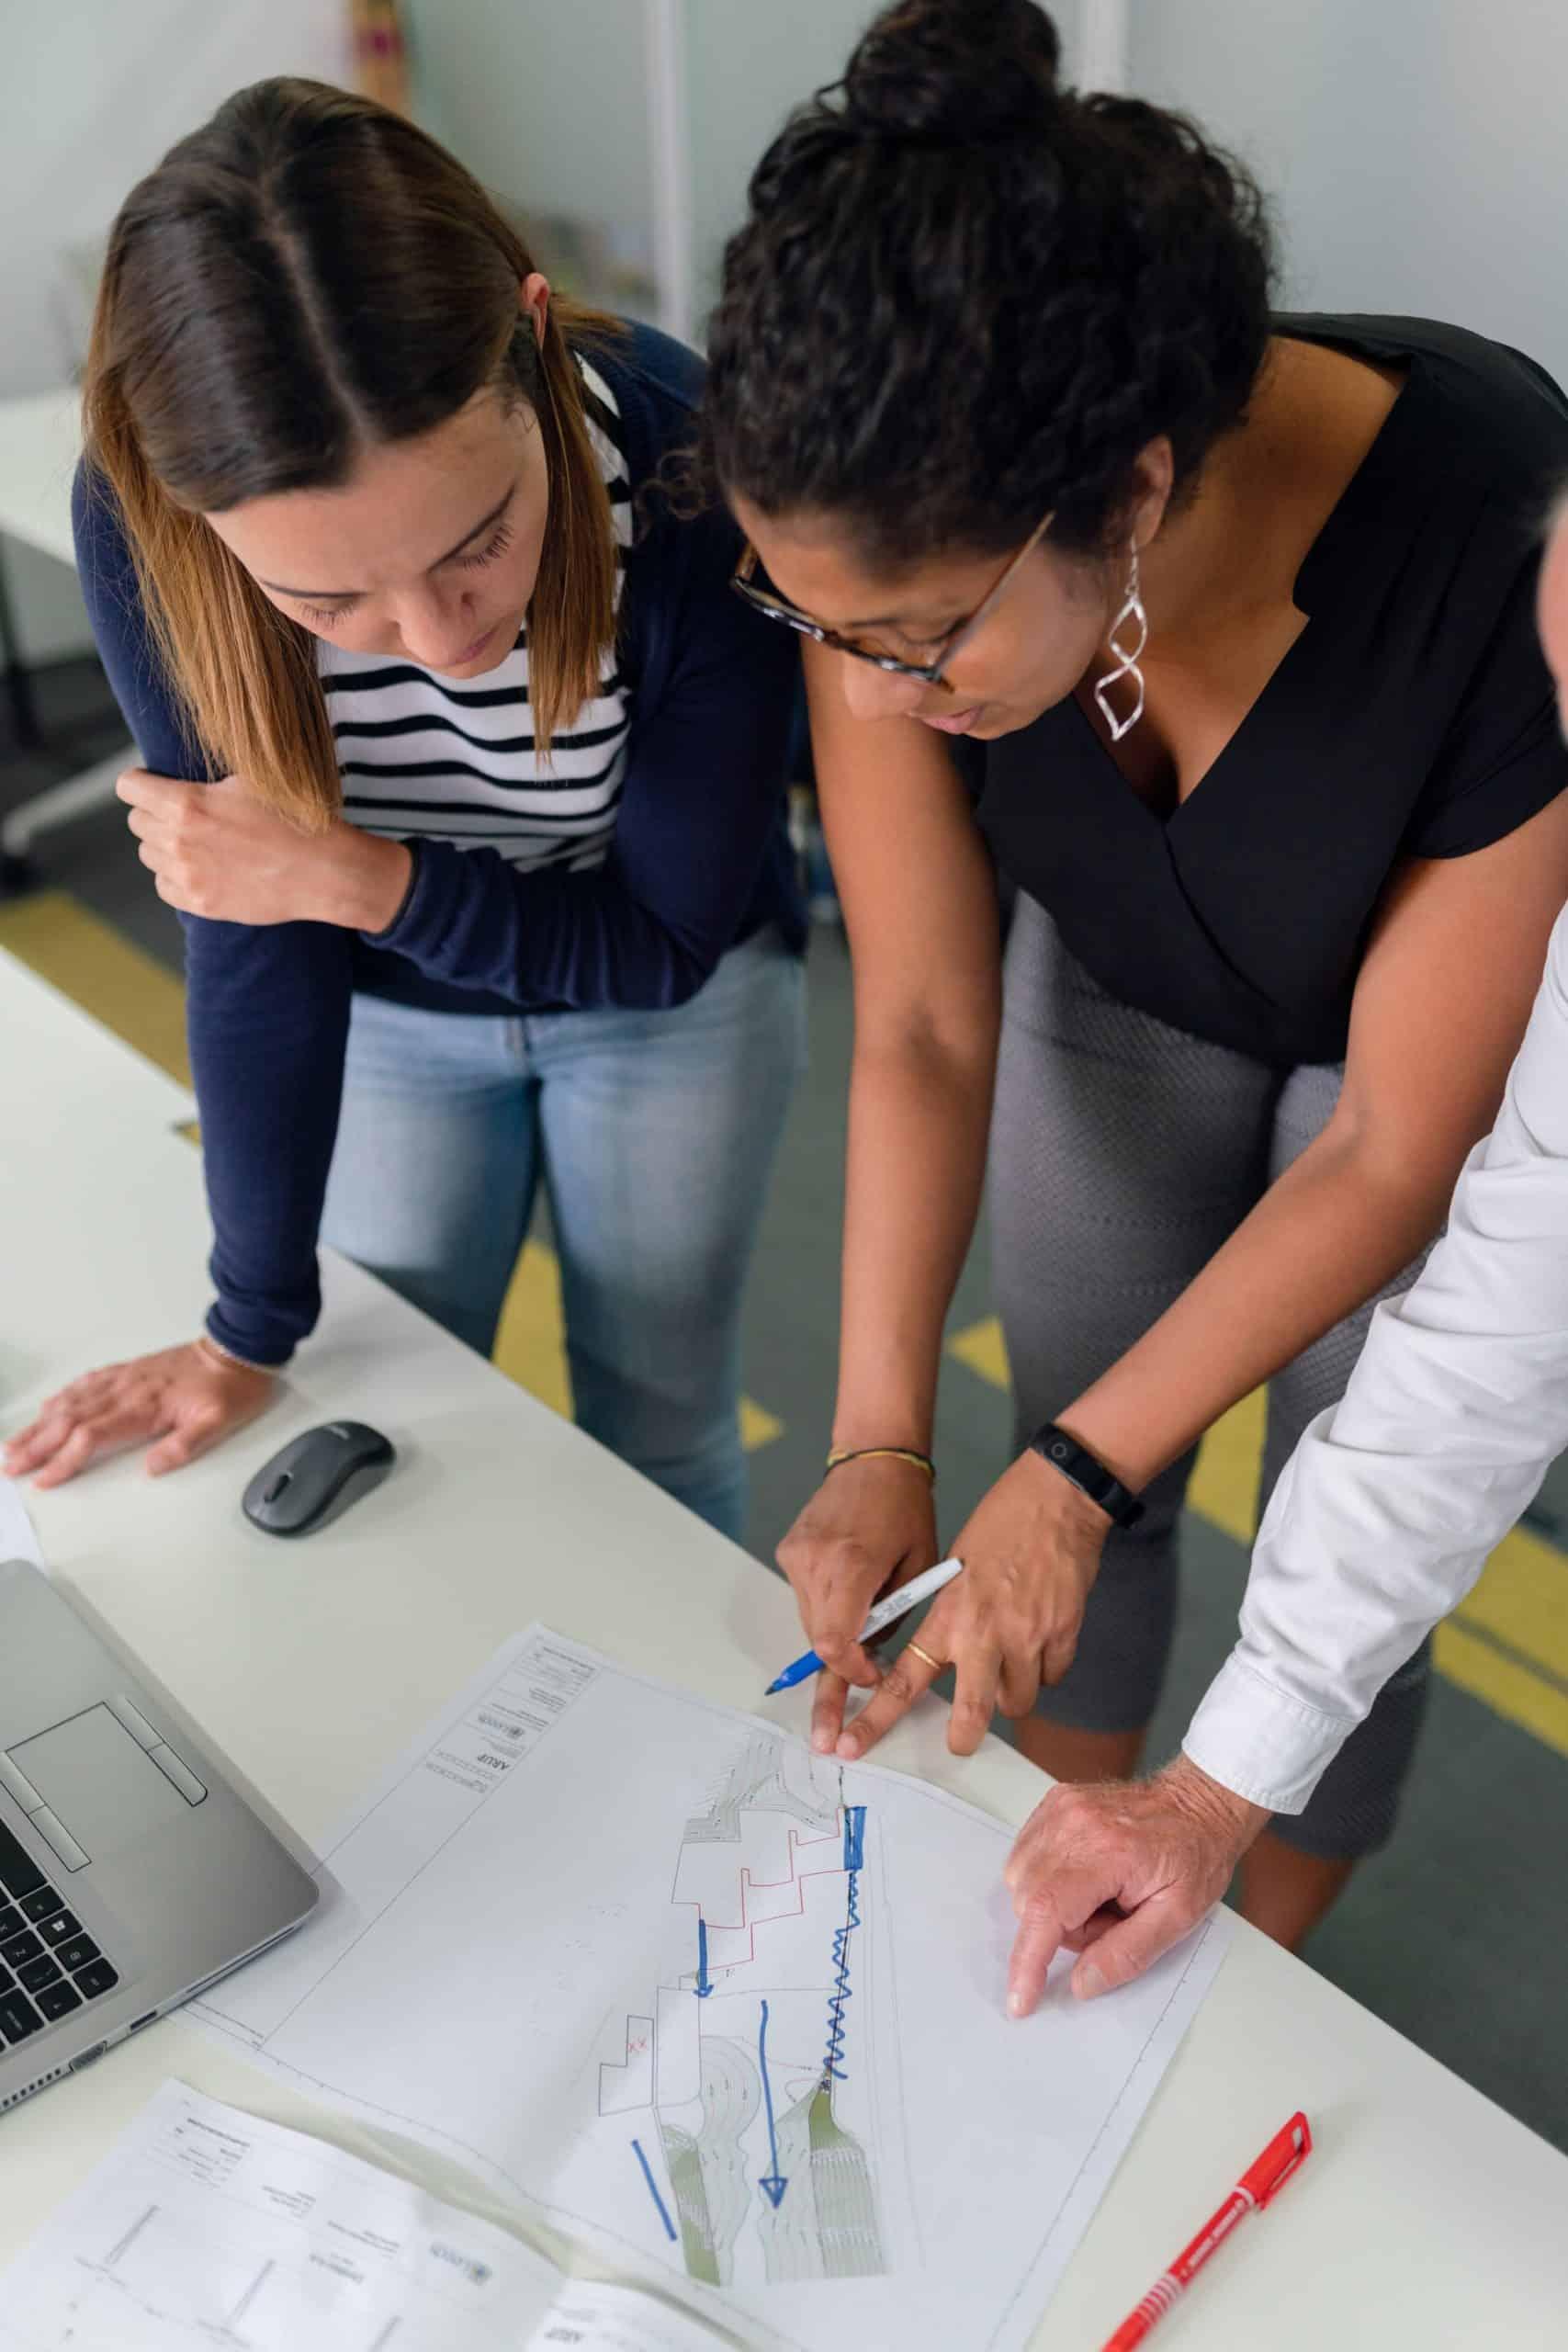 Idea Improve Work Process Article Image